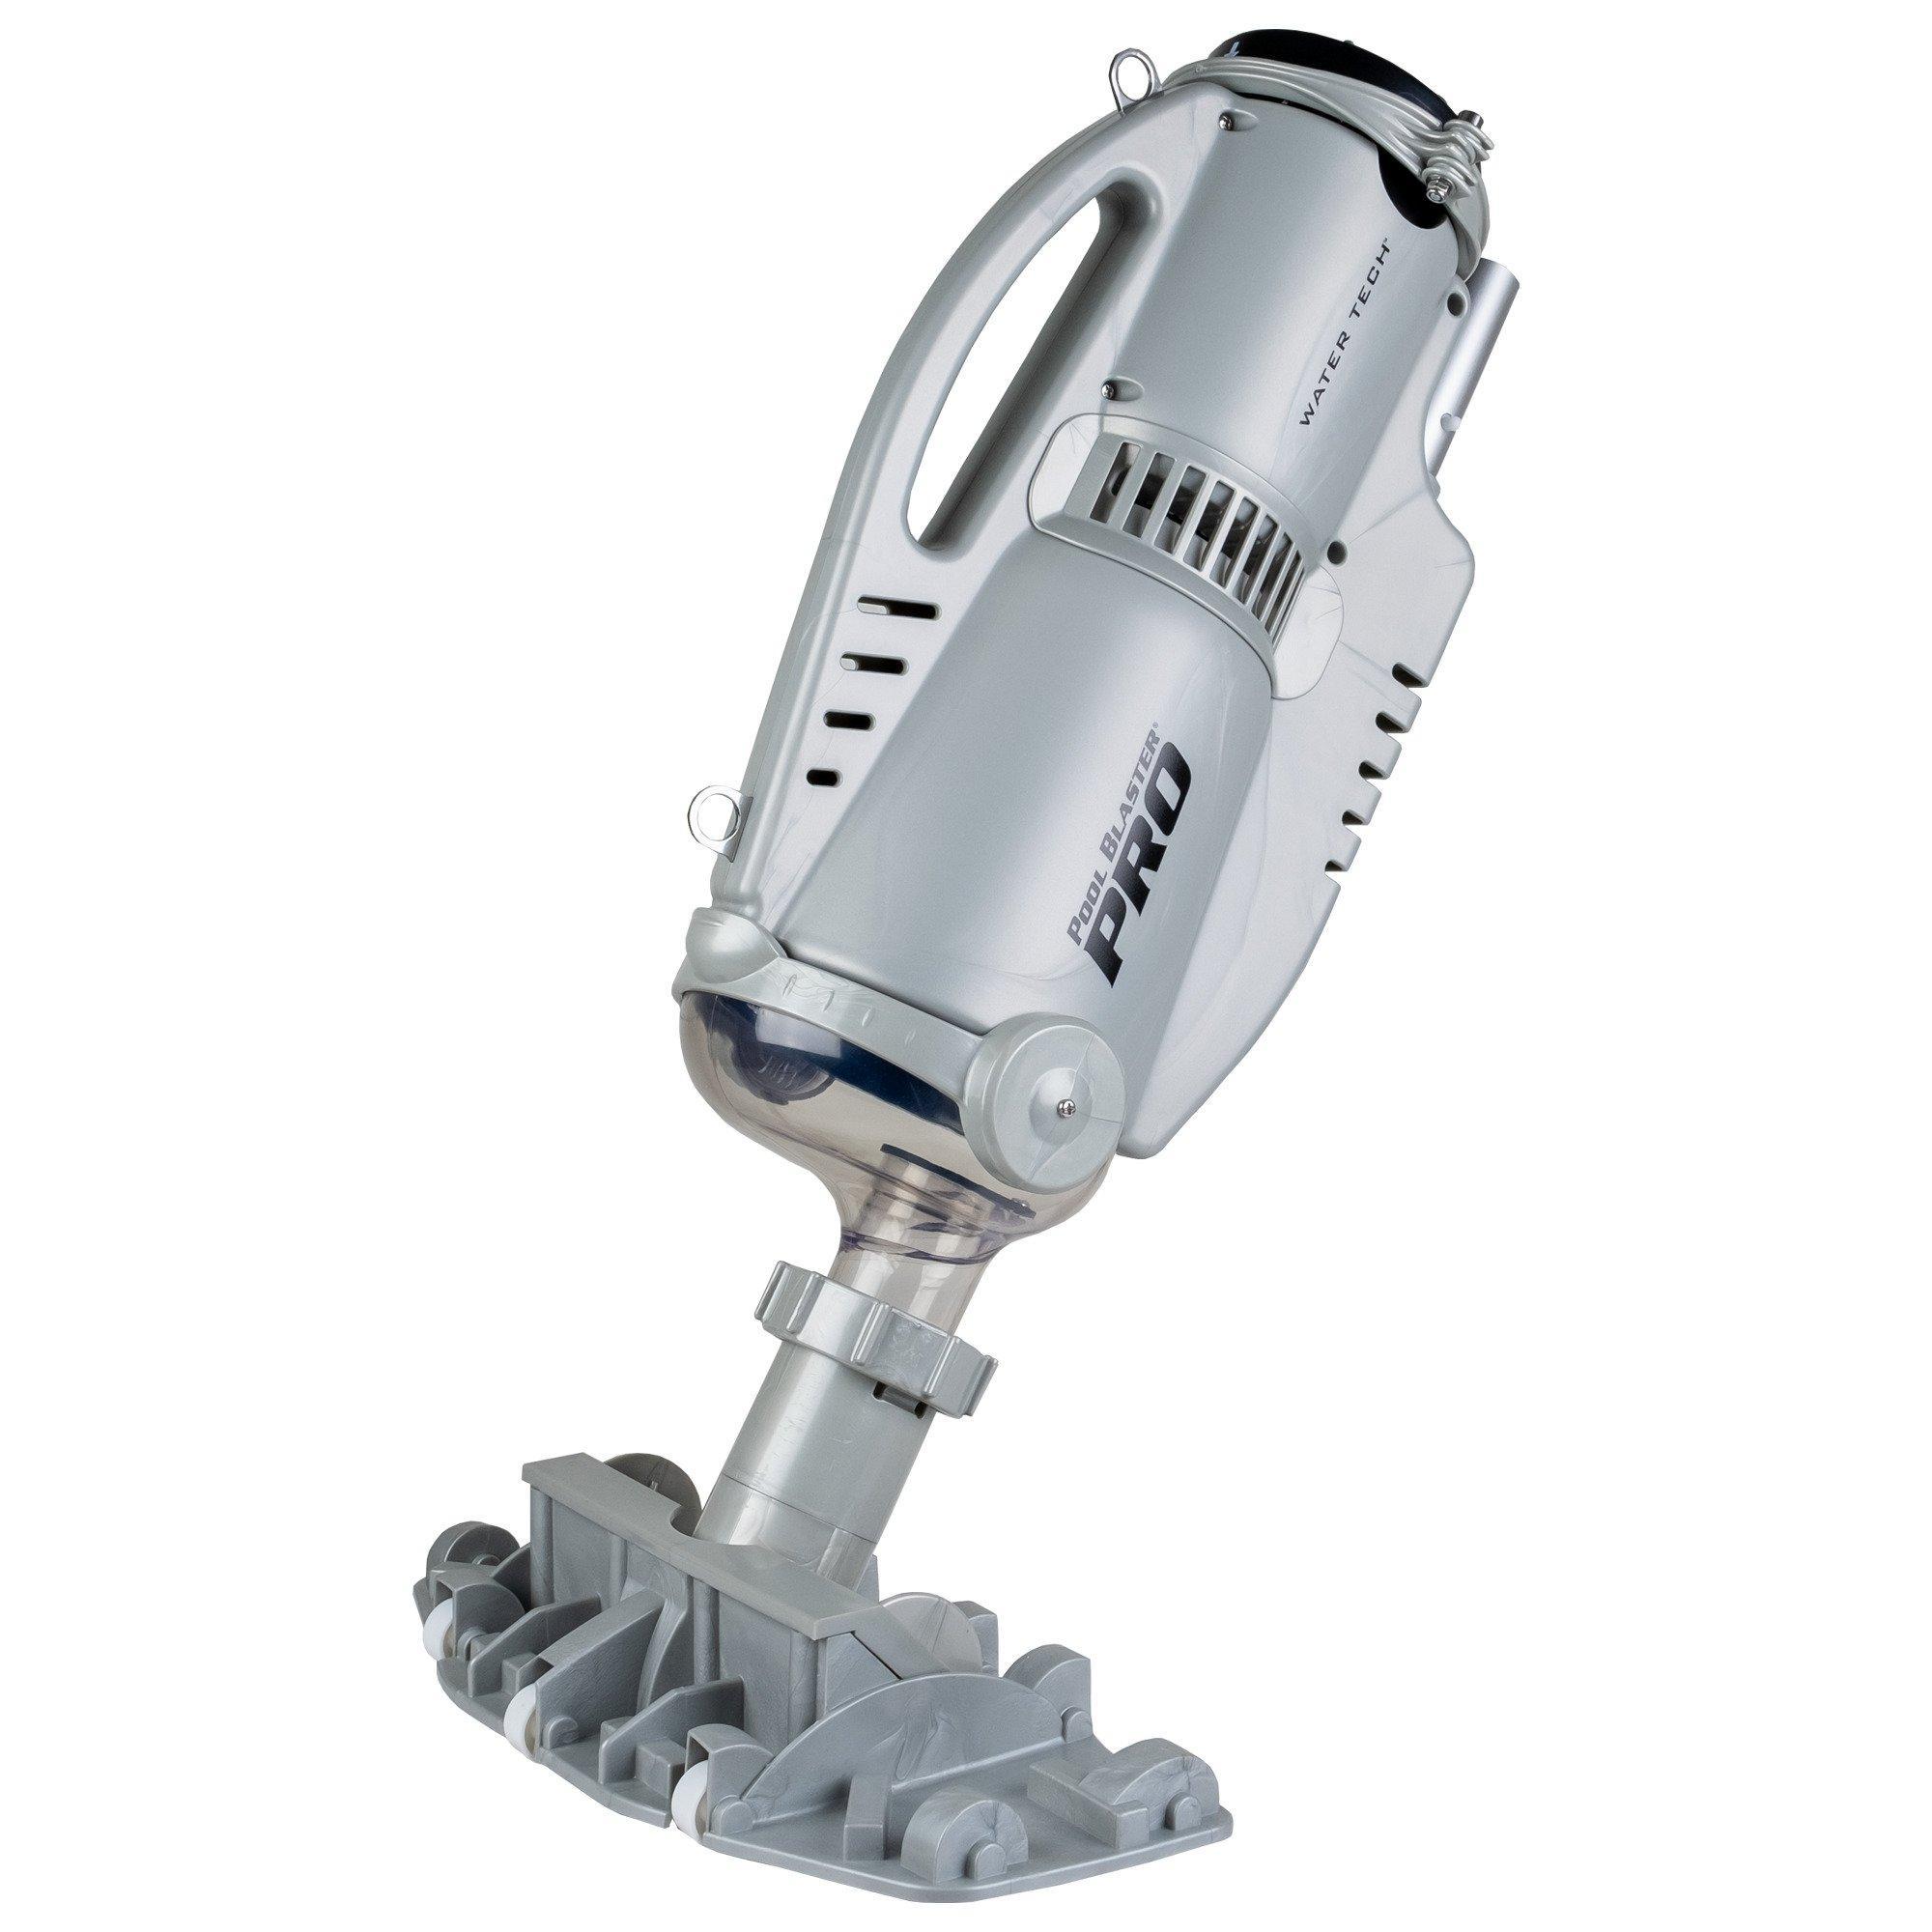 Pool Blaster Pro 900 Portable Pool Vacuum